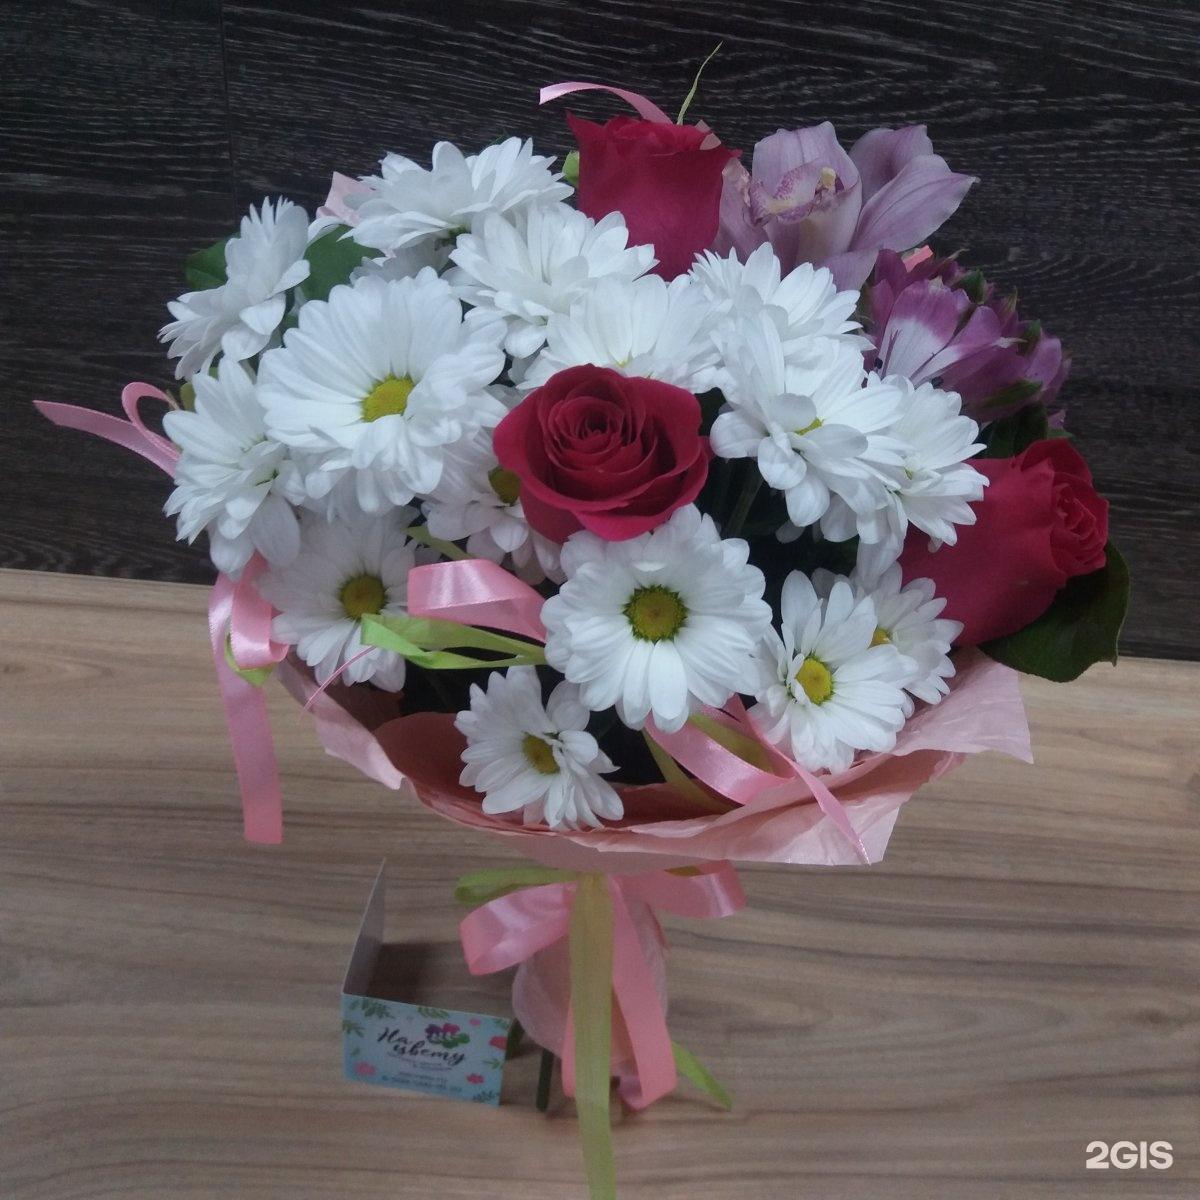 Доставка цветов и подарков в барнауле барнаул, новой каховке рп5